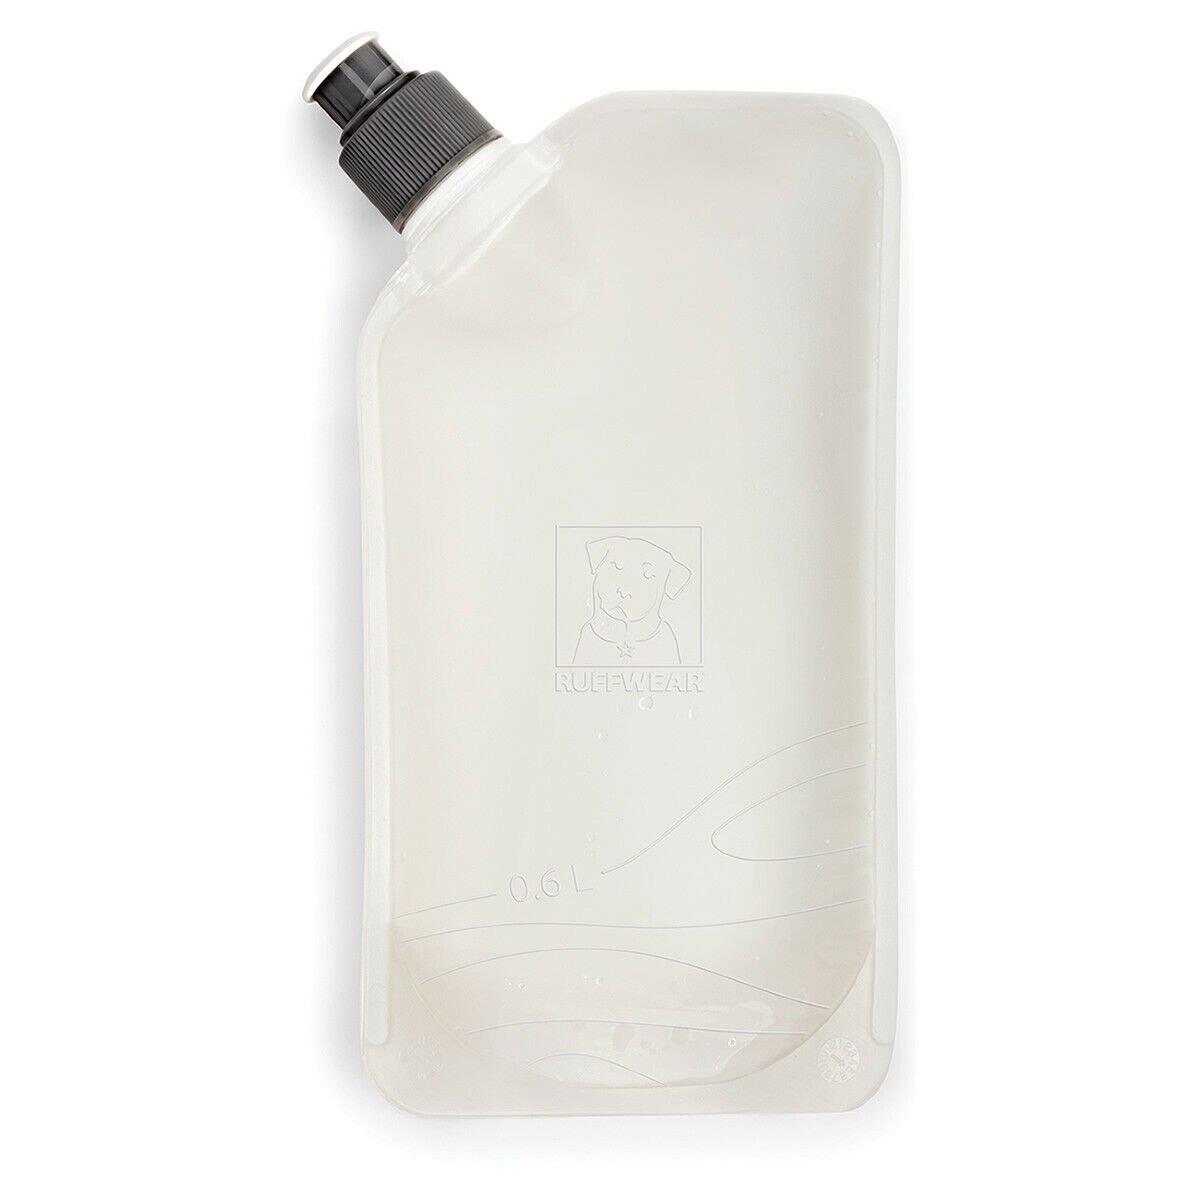 Ruffwear Ersatzflaschen für Hunderucksack, one size / Ersatzflasche für Singletrak™ Pack